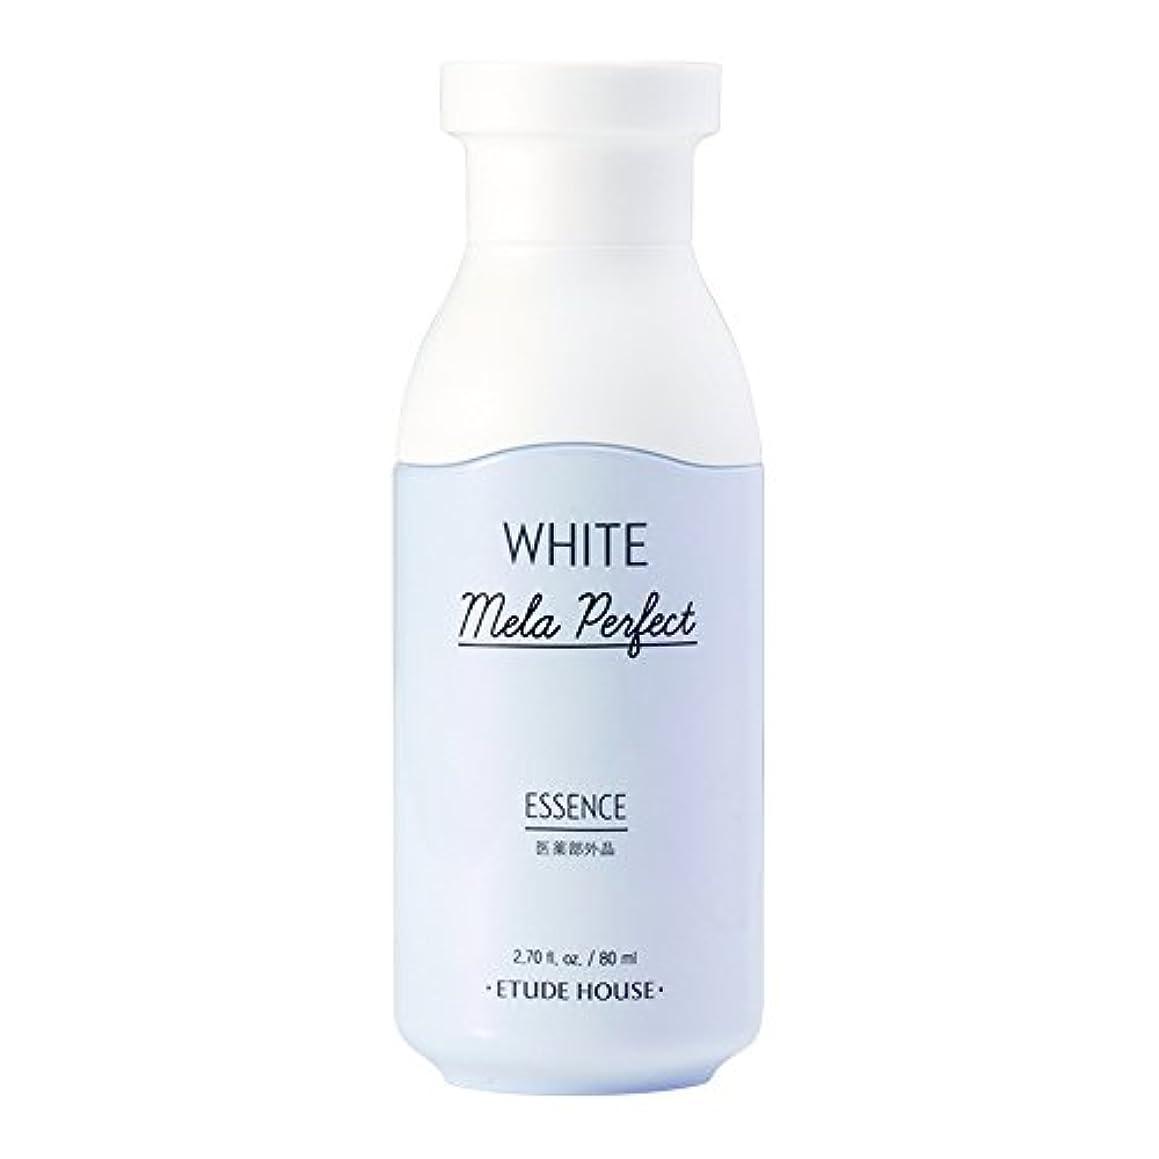 義務づける立ち向かうデコードするエチュードハウス(ETUDE HOUSE) ホワイトメラパーフェクト エッセンス「美白美容液」